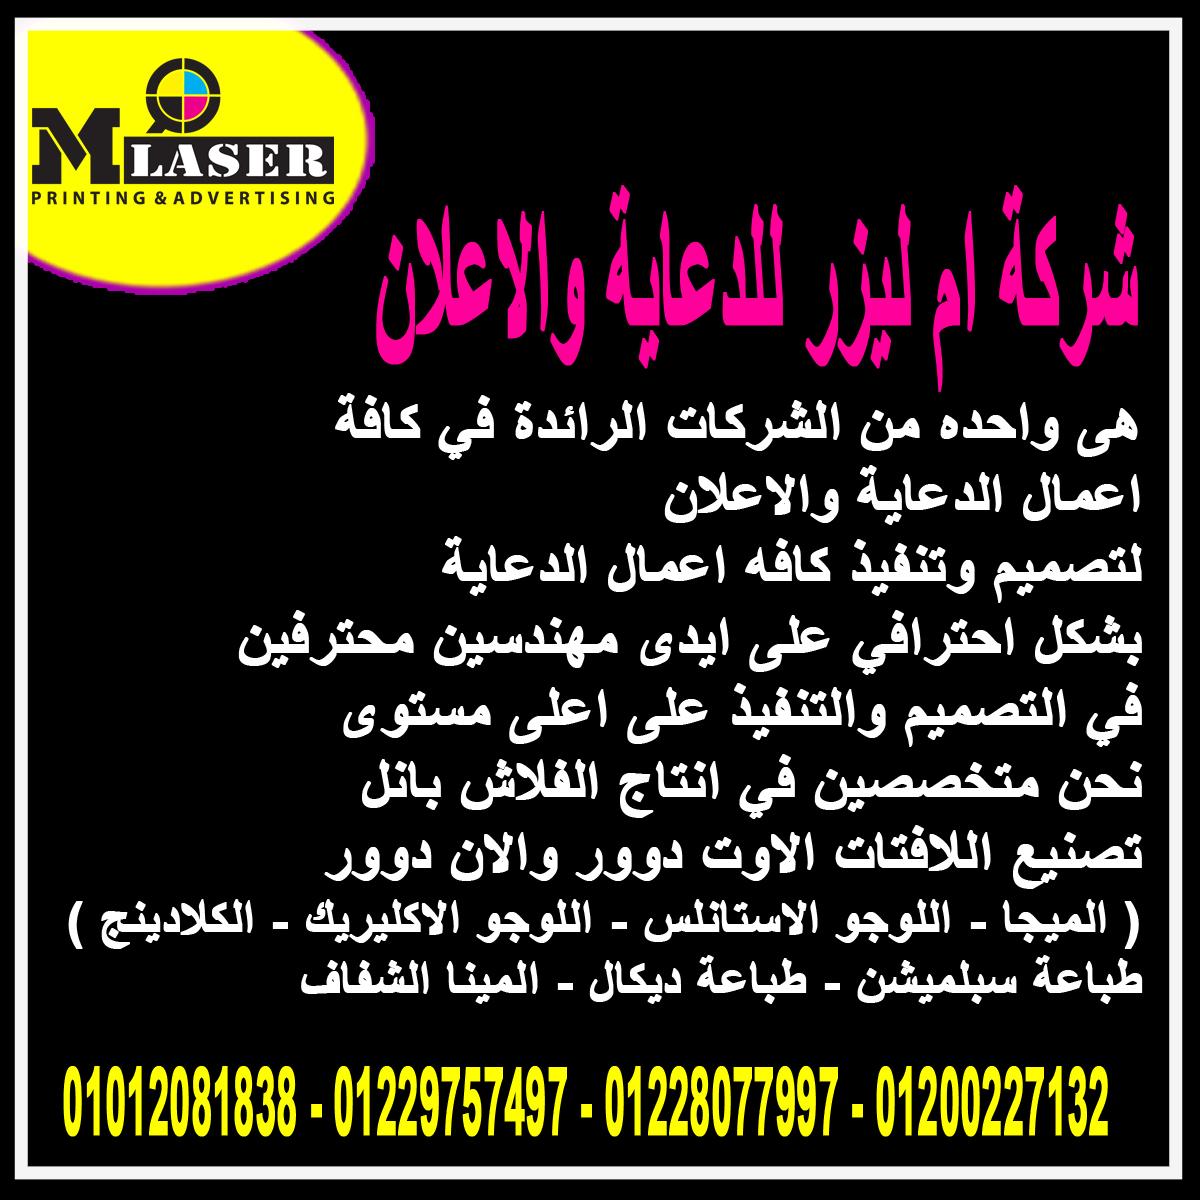 شركات دعاية واعلان ( شركة ام ليزر للدعاية والاعلان ) P_1887xa1mj2